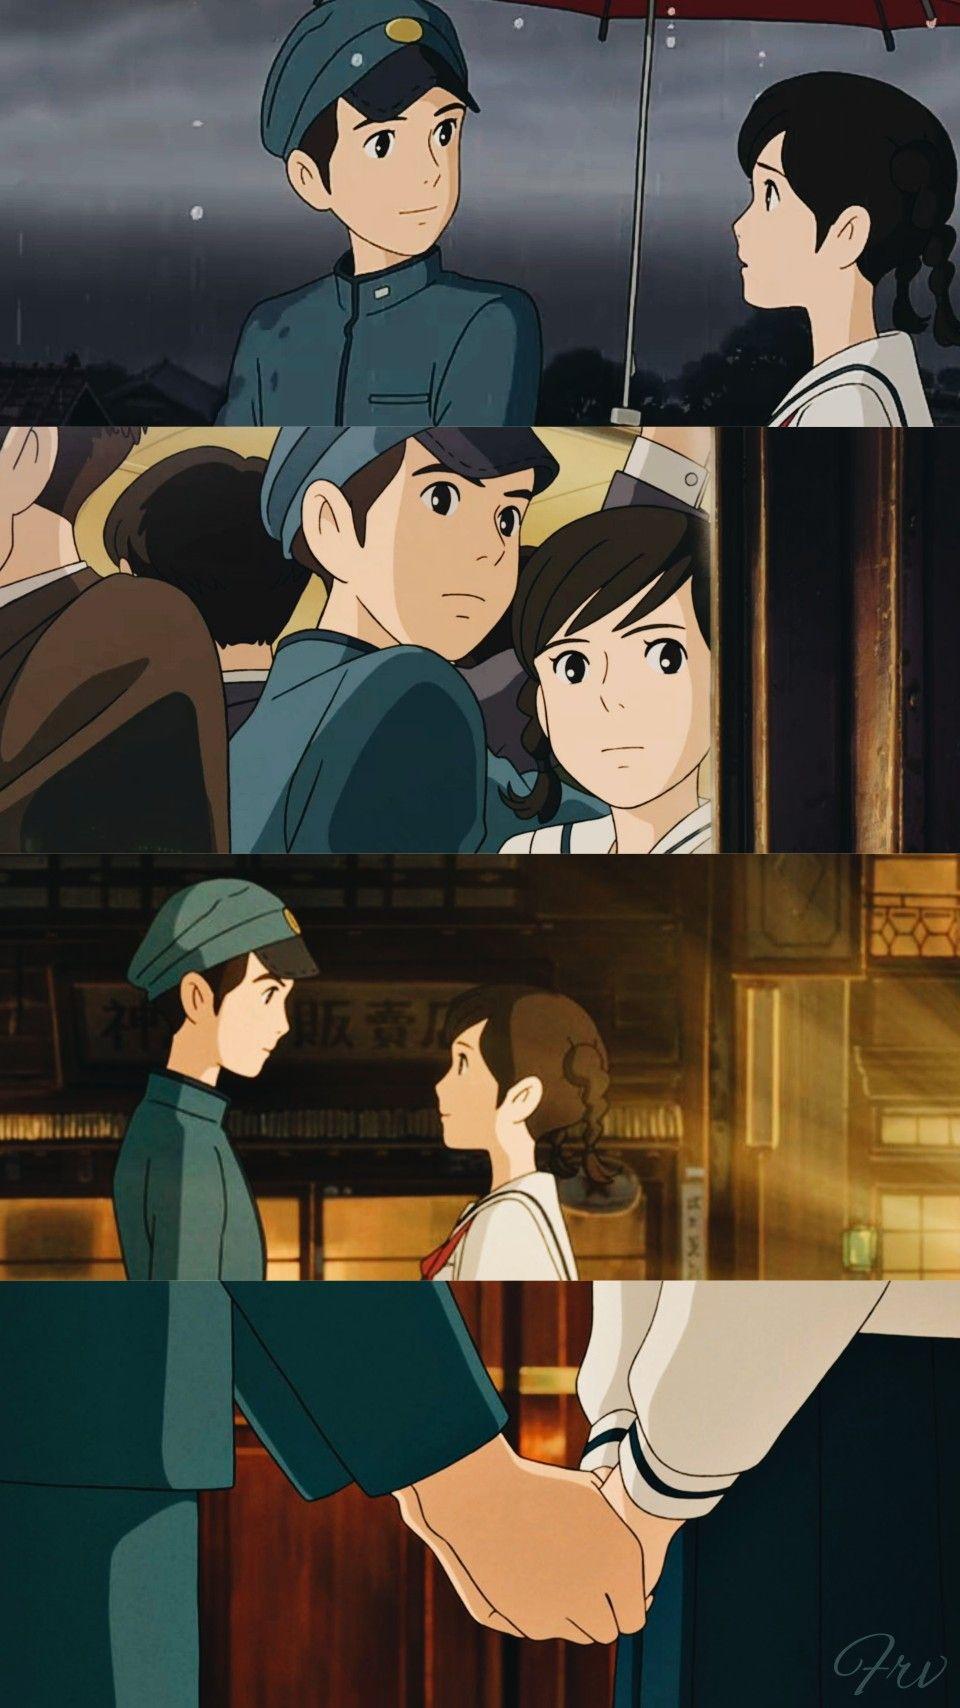 Anime studio ghibli - From Up On Poppy Hill (2011) - Goro Miyazaki